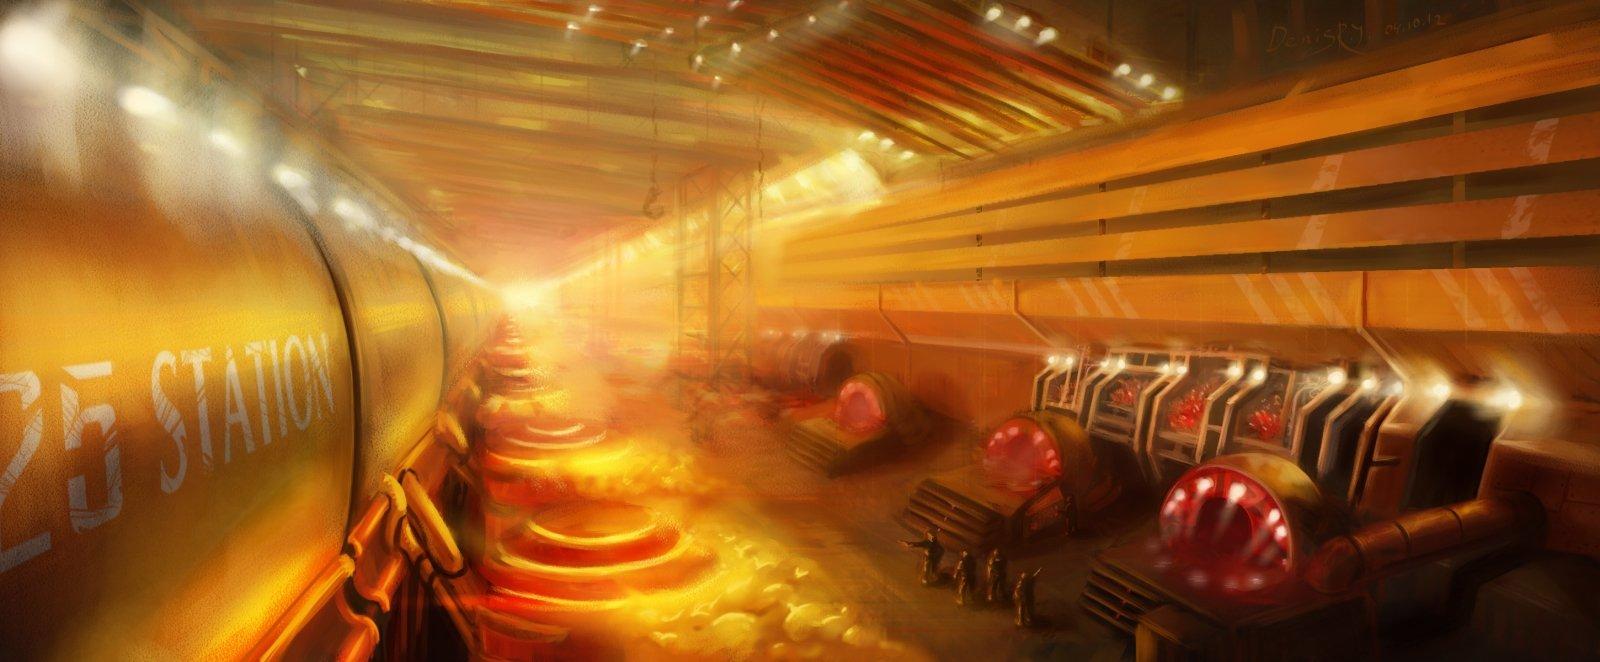 Одна из перевалочных баз Легиона Дара - станция 25. На ней обычно происходят реорганизация войск и получение новой т .... - Изображение 1